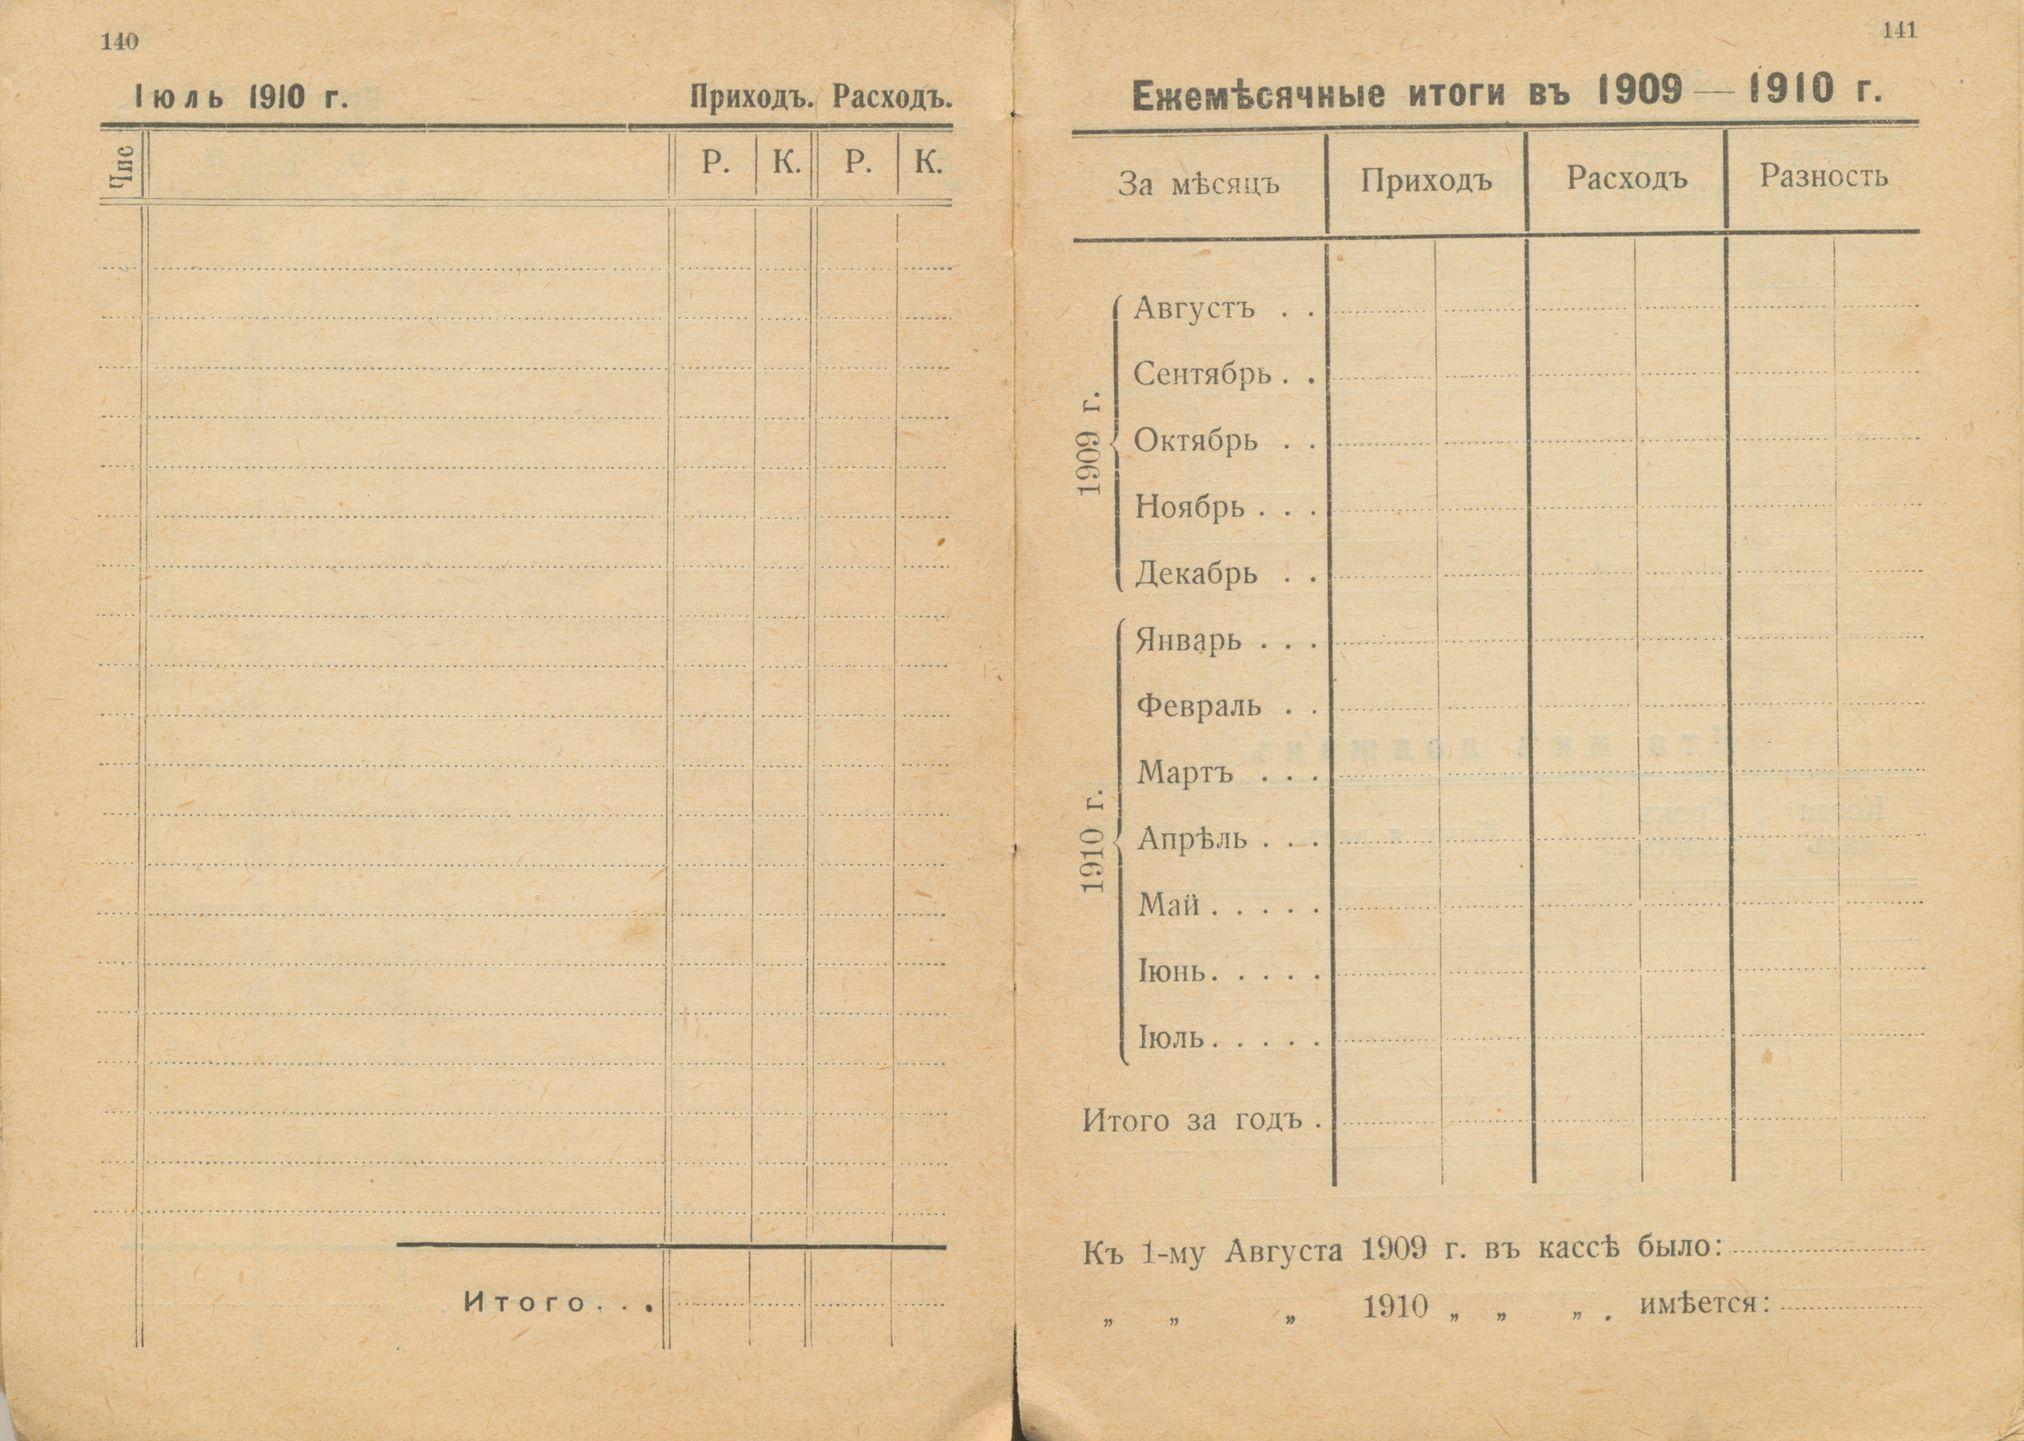 1 сентября 110 лет назад: тригонометрия, курс доллара и бенгальские огни - 14